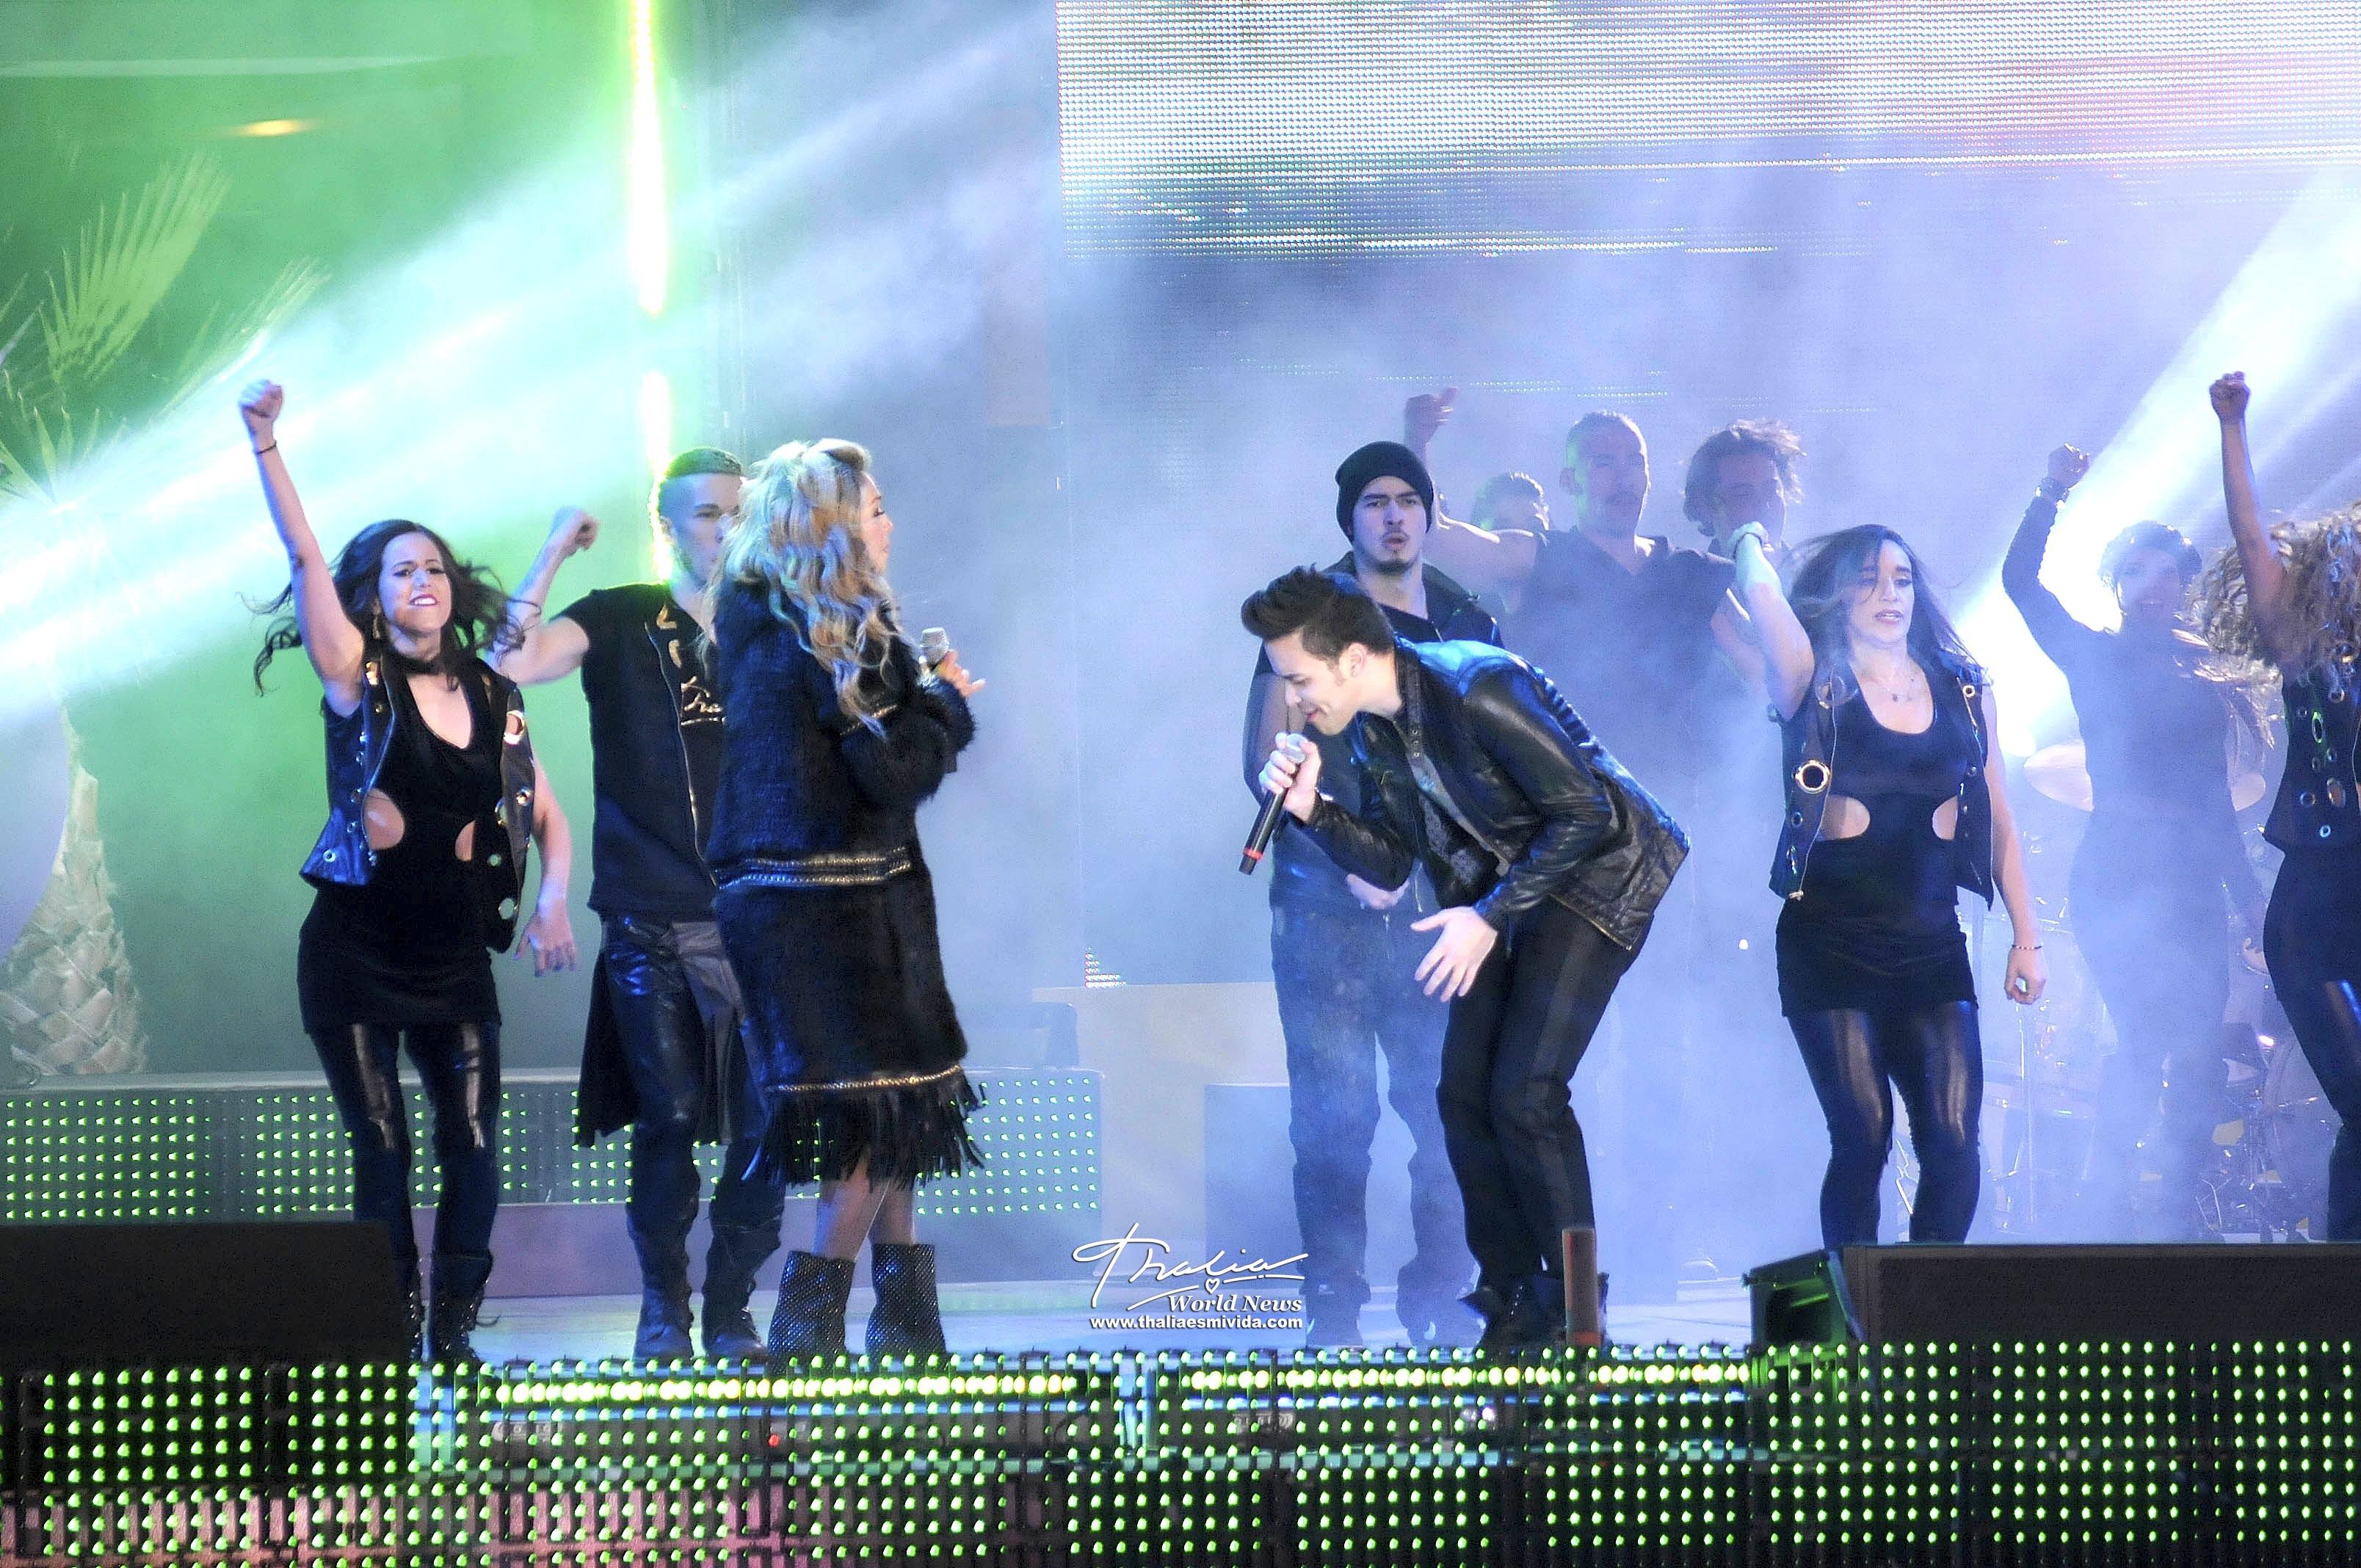 El espectacular dueto de las estrellas se dio en la noche de apertura del Teletón 2013, el cual recaudó este año más de 473 millones de pesos